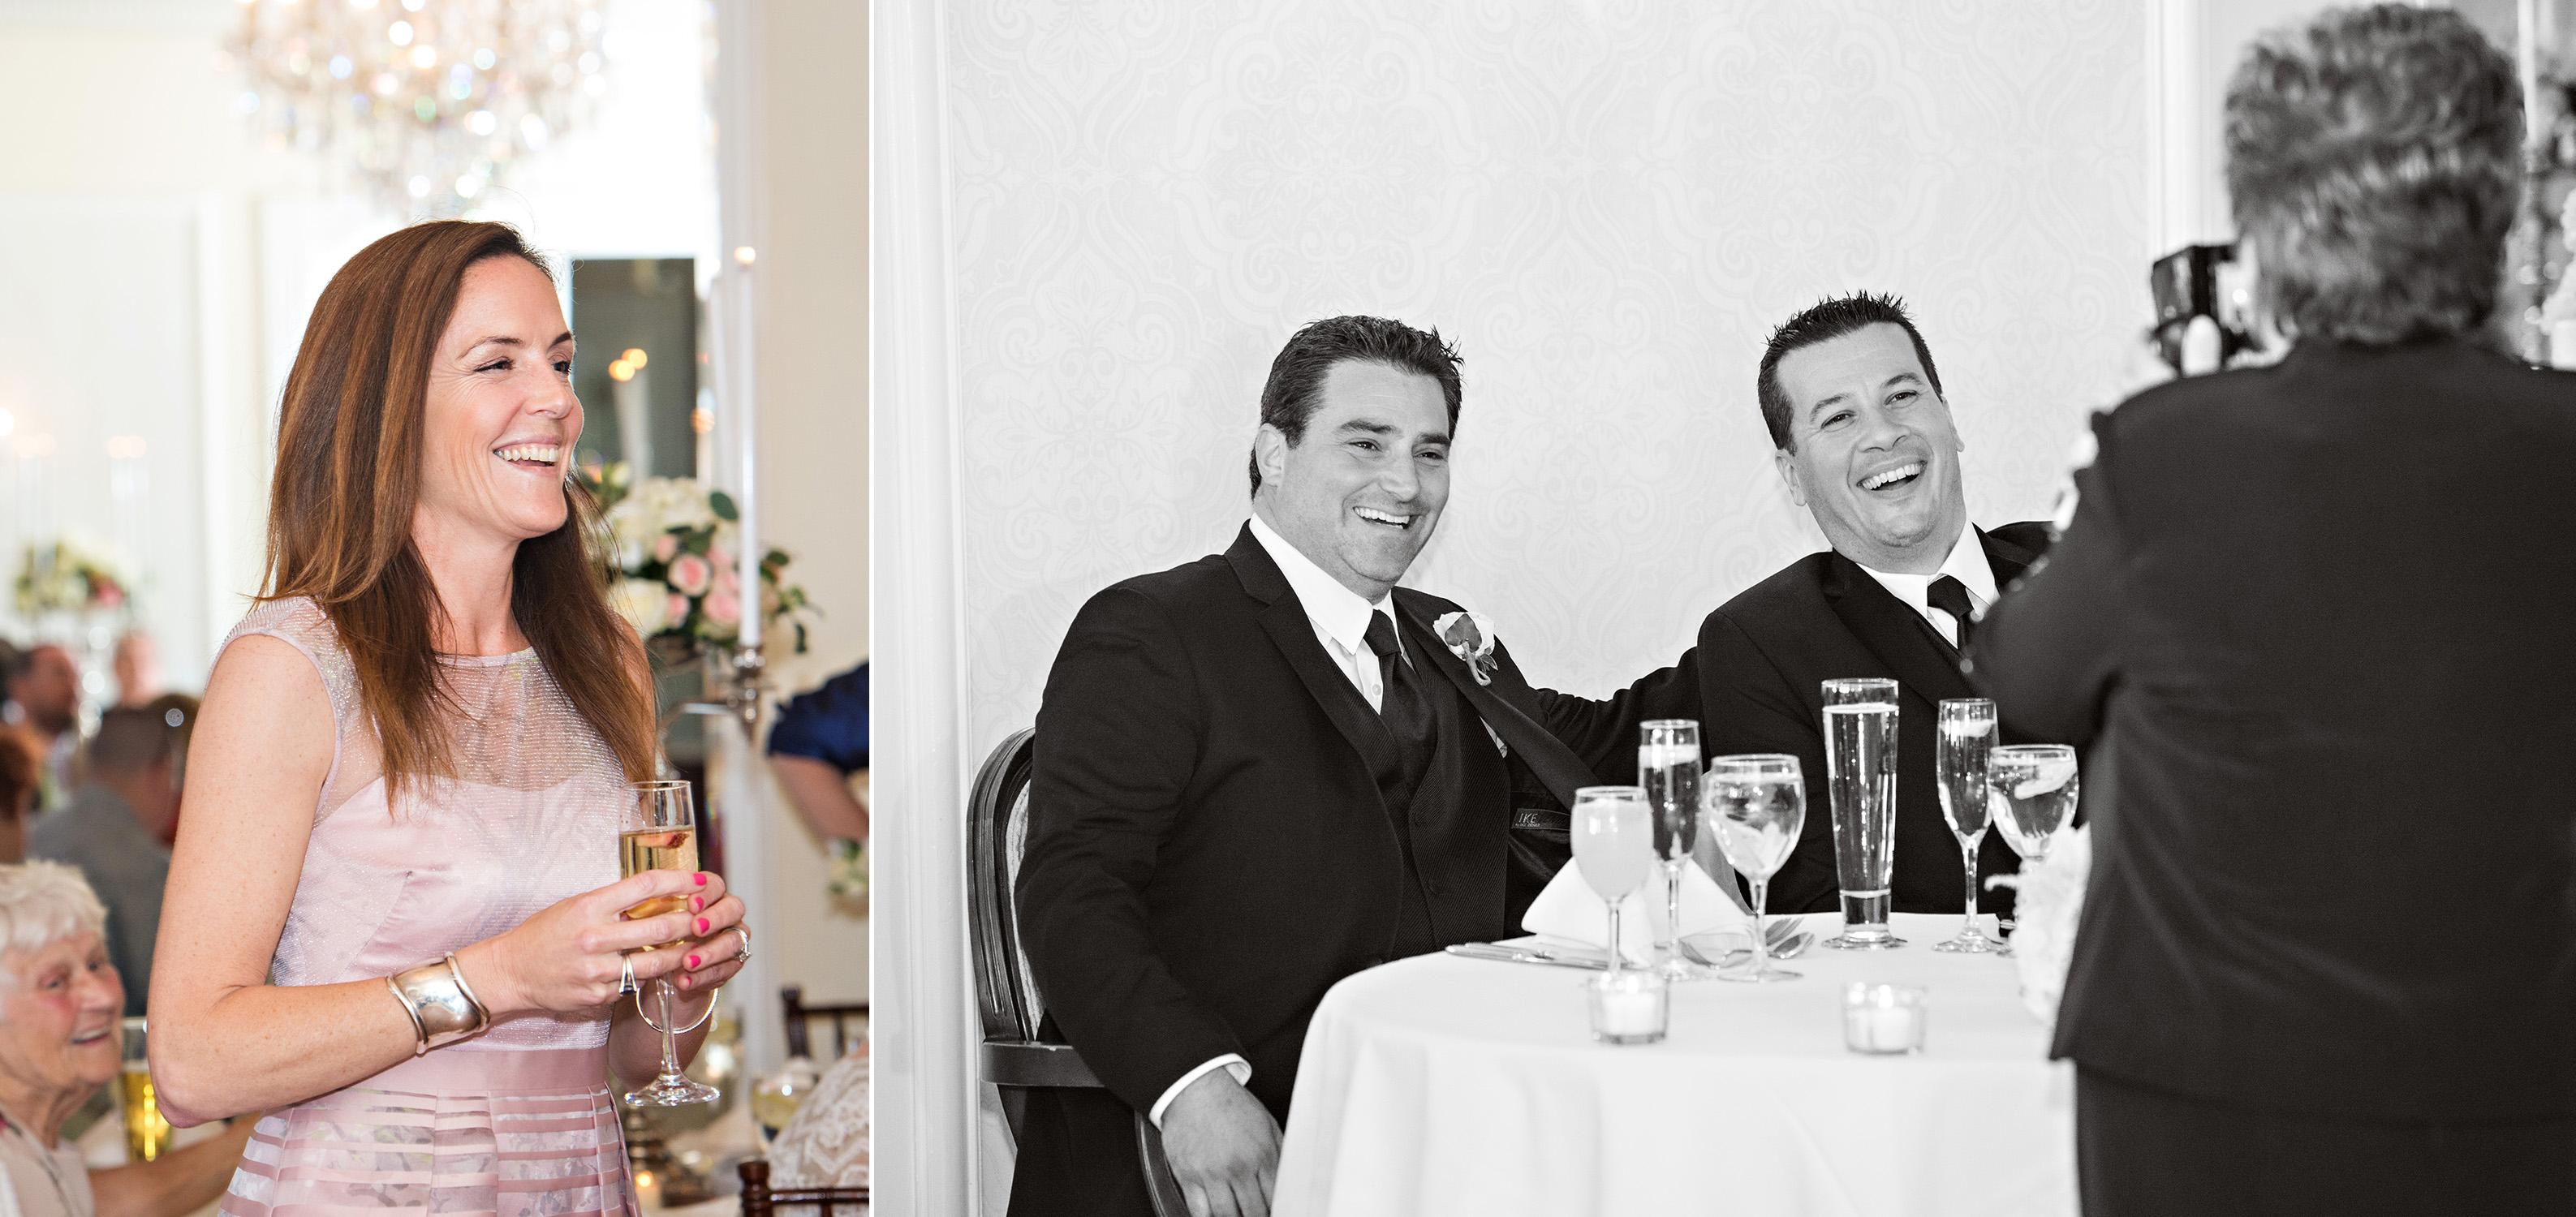 46-Sara Stadtmiller-SRS-Photography-Asbury-Park-Wedding-Photographer-Monmouth-County-Wedding-Photographer-NJ-Wedding-Photographer-Molly-Pitcher-Inn-Wedding